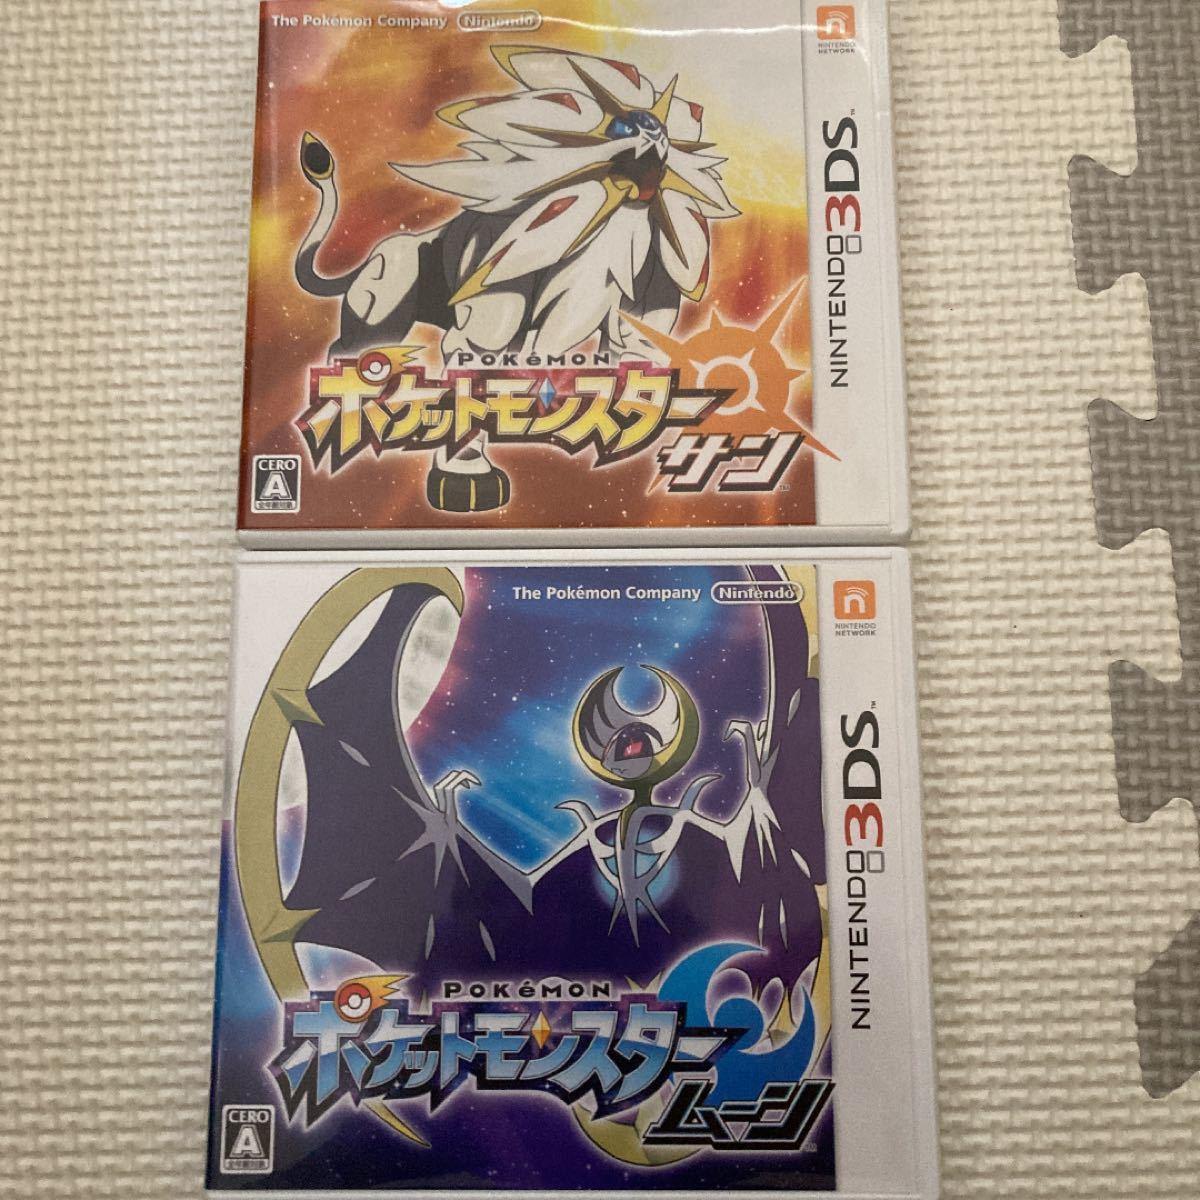 ポケットモンスター ポケットモンスターサンムーン 3DS